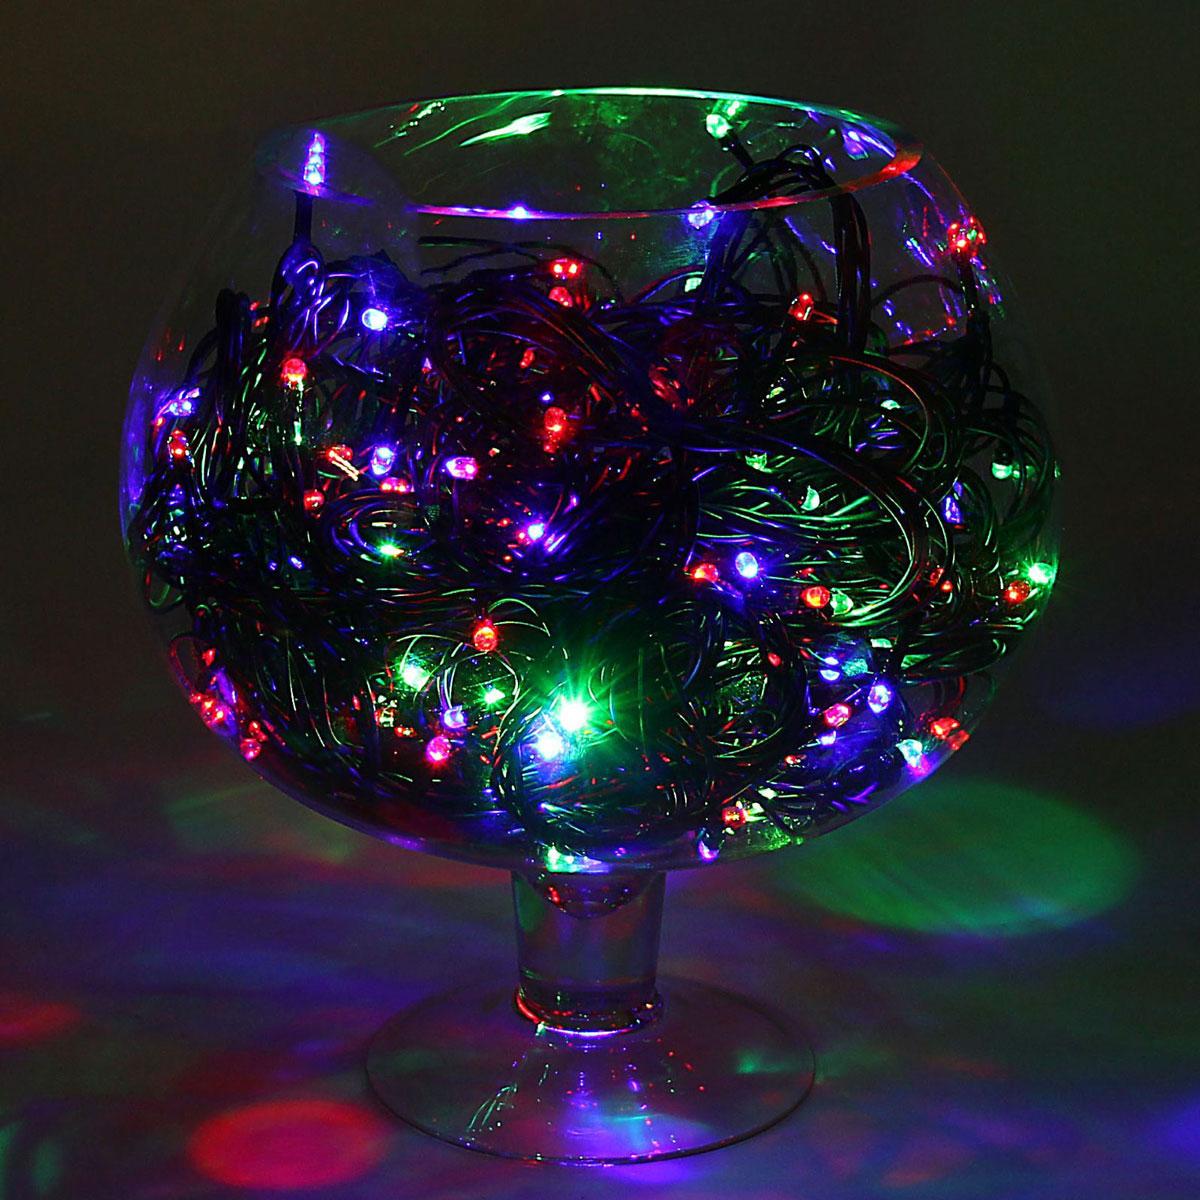 Гирлянда светодиодная Luazon Метраж, уличная, моргает, 200 ламп, 220 V, 20 м, цвет: мультиколор. 1080002678028Светодиодные гирлянды, ленты и т.д. — это отличный вариант для новогоднего оформления интерьера или фасада. С их помощью помещение любого размера можно превратить в праздничный зал, а внешние элементы зданий, украшенные ими, мгновенно станут напоминать очертания сказочного дворца. Такие украшения создают ауру предвкушения чуда. Деревья, фасады, витрины, окна и арки будто специально созданы, чтобы вы украсили их светящимися нитями.